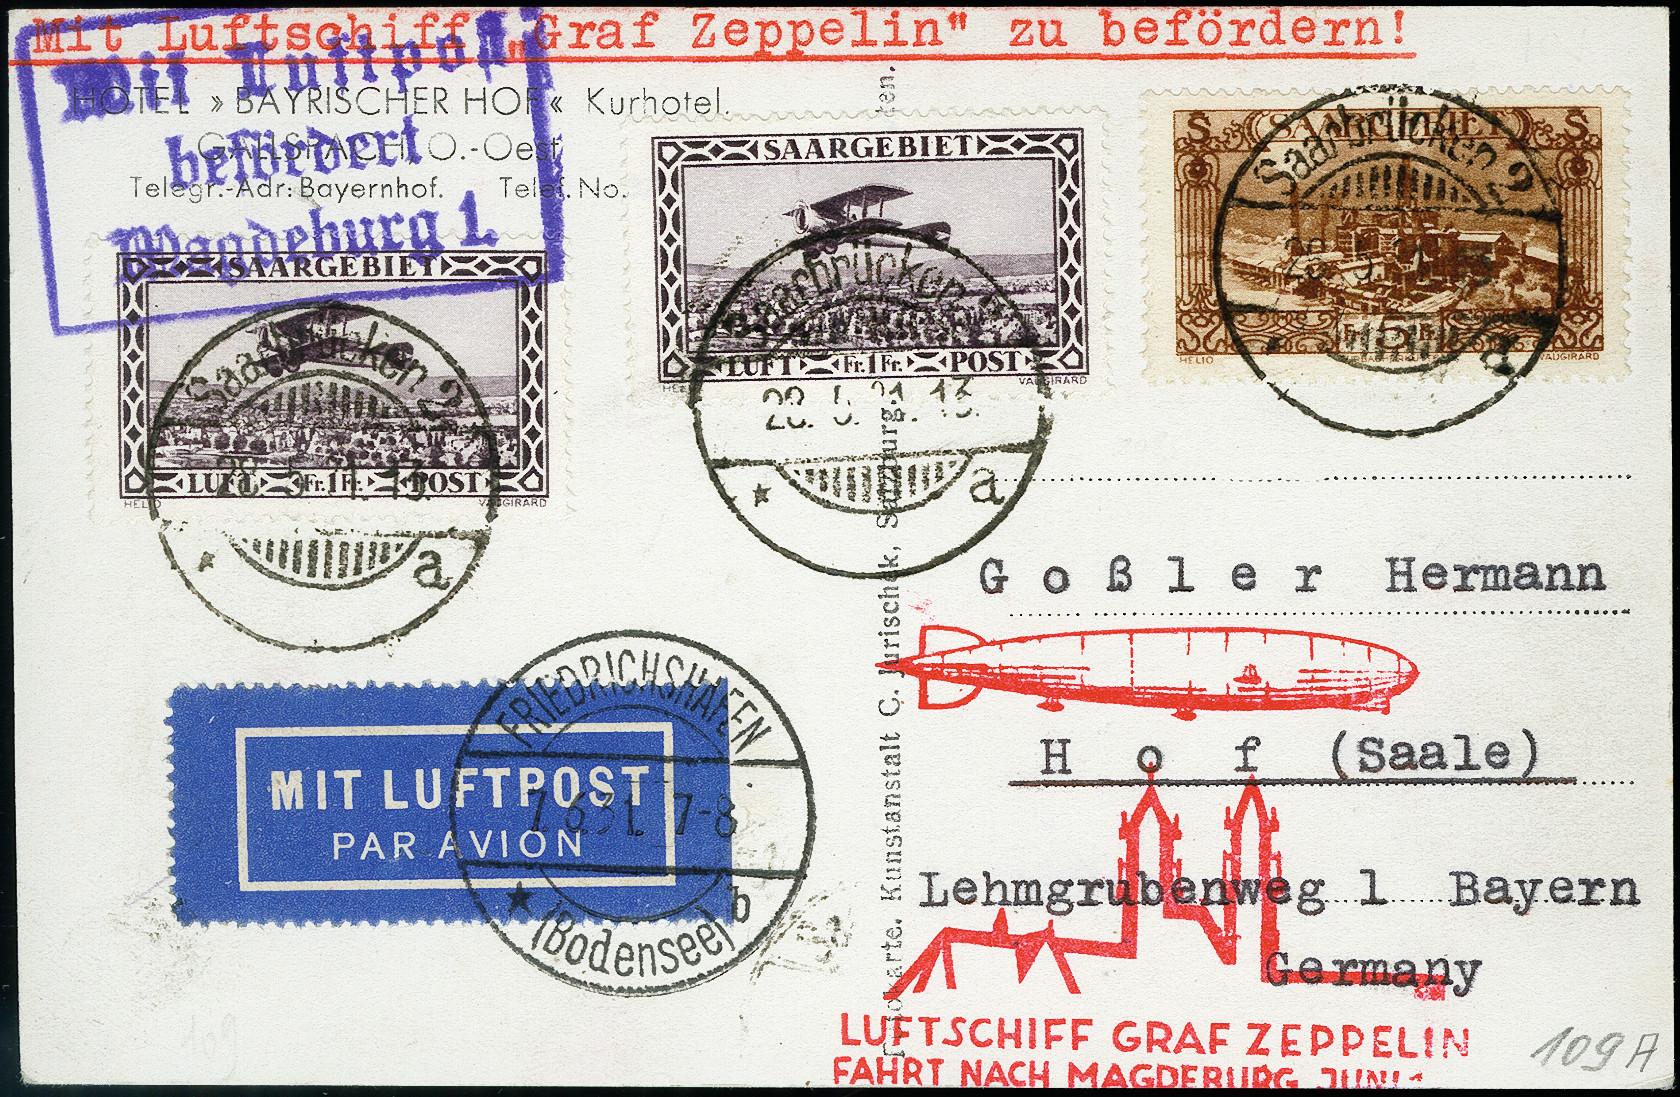 Lot 1323 - airmail Treaty Post, Saar -  Heinrich Koehler Auktionen 373rd Heinrich Köhler auction - Day 2